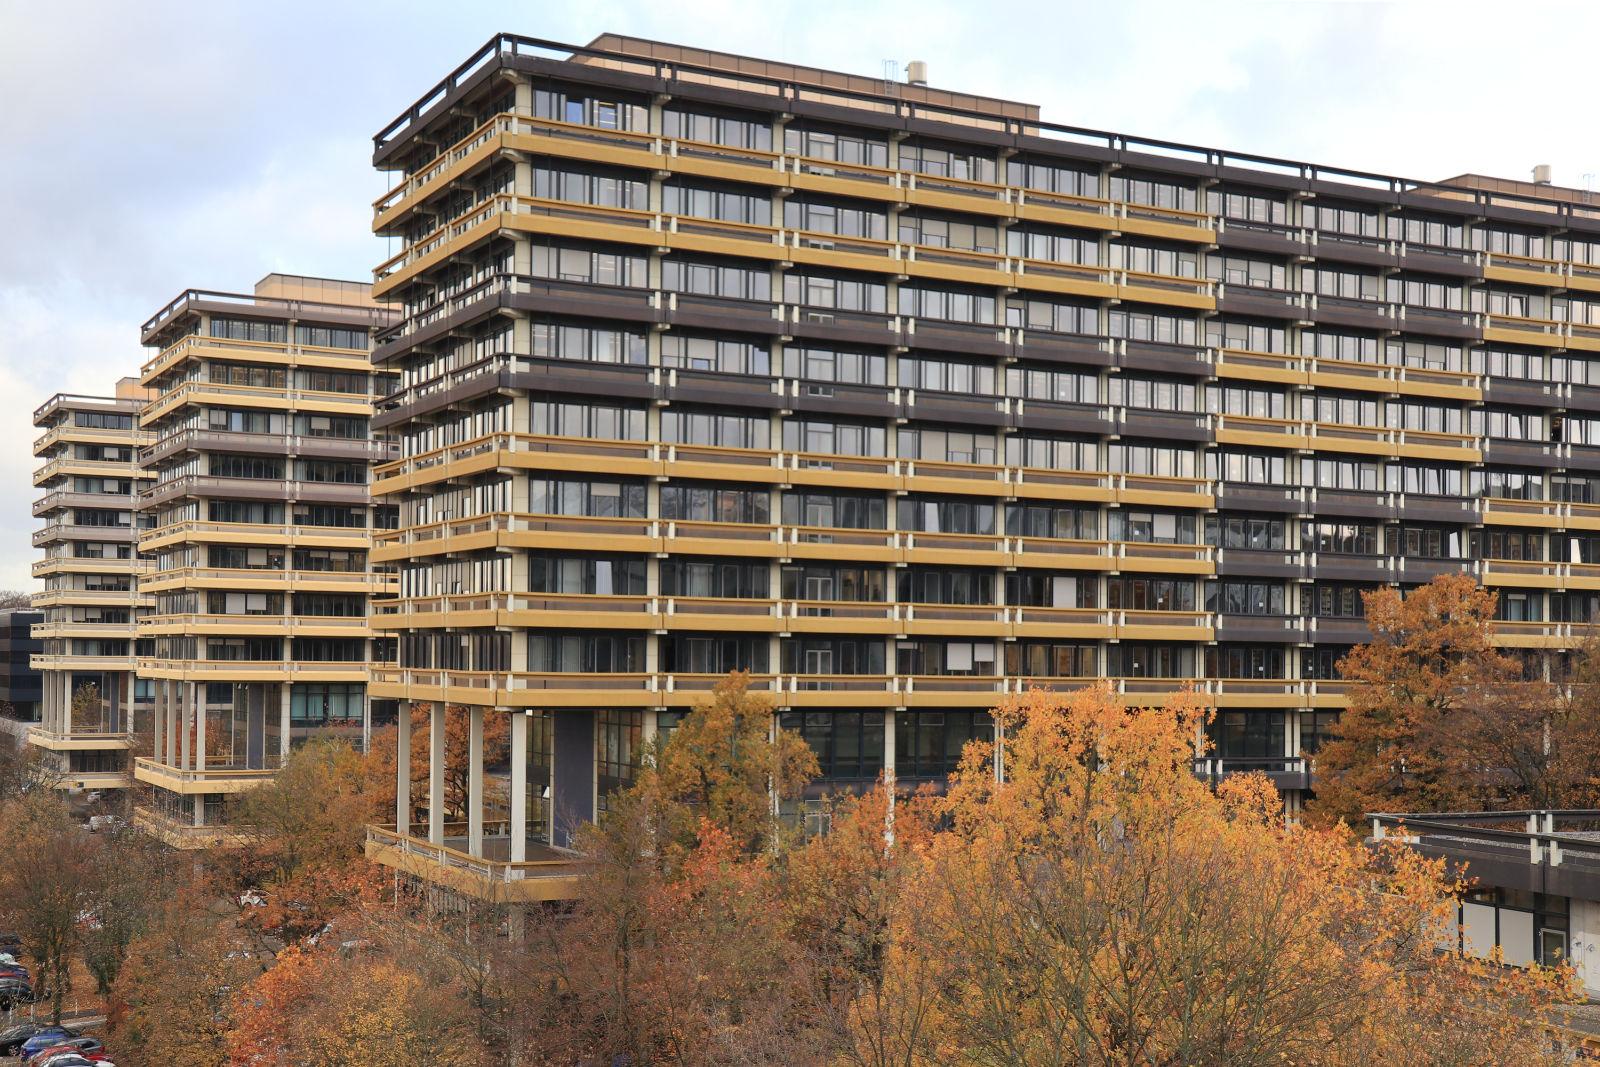 Die Ruhr-Universität Bochum RUB. 20 Fakultäten, 520 Hektar groß, 43.000 Studierende